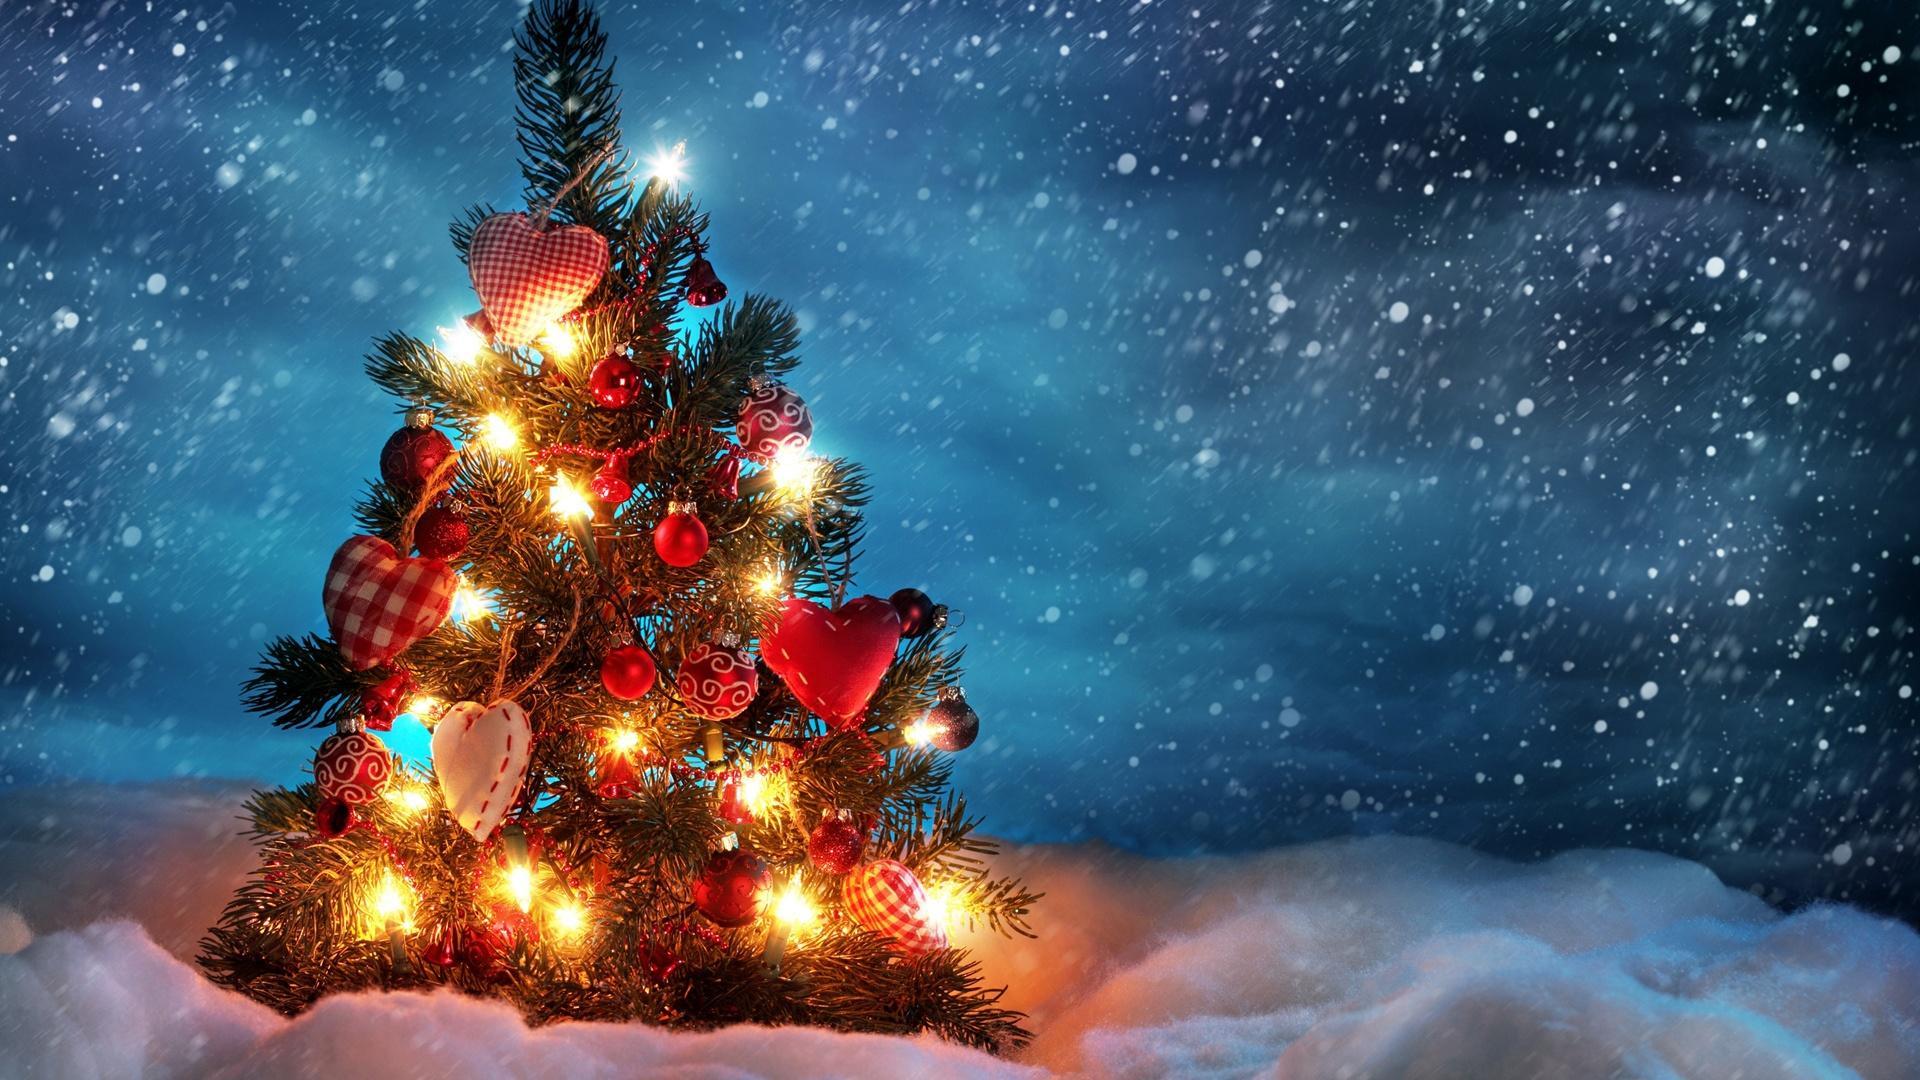 圣诞节是几月几日英文写法:   What is th date of Christmas day?或者When is Christmas day?   圣诞节来历:   教会开始并无圣诞节,约在耶稣升天后百余年内才有。据说:第一个圣诞节是在公元138年,由罗马主教圣克里门倡议举行。而教会史载第一个圣诞节则在公元336年。由于圣经未明记耶稣生于何时,故各地圣诞节日期各异。直到公元440年,才由罗马教廷定12月25日为圣诞节。公元1607年,世界各地教会领袖在伯利恒聚会,进一步予以确定,从此世界大多数的